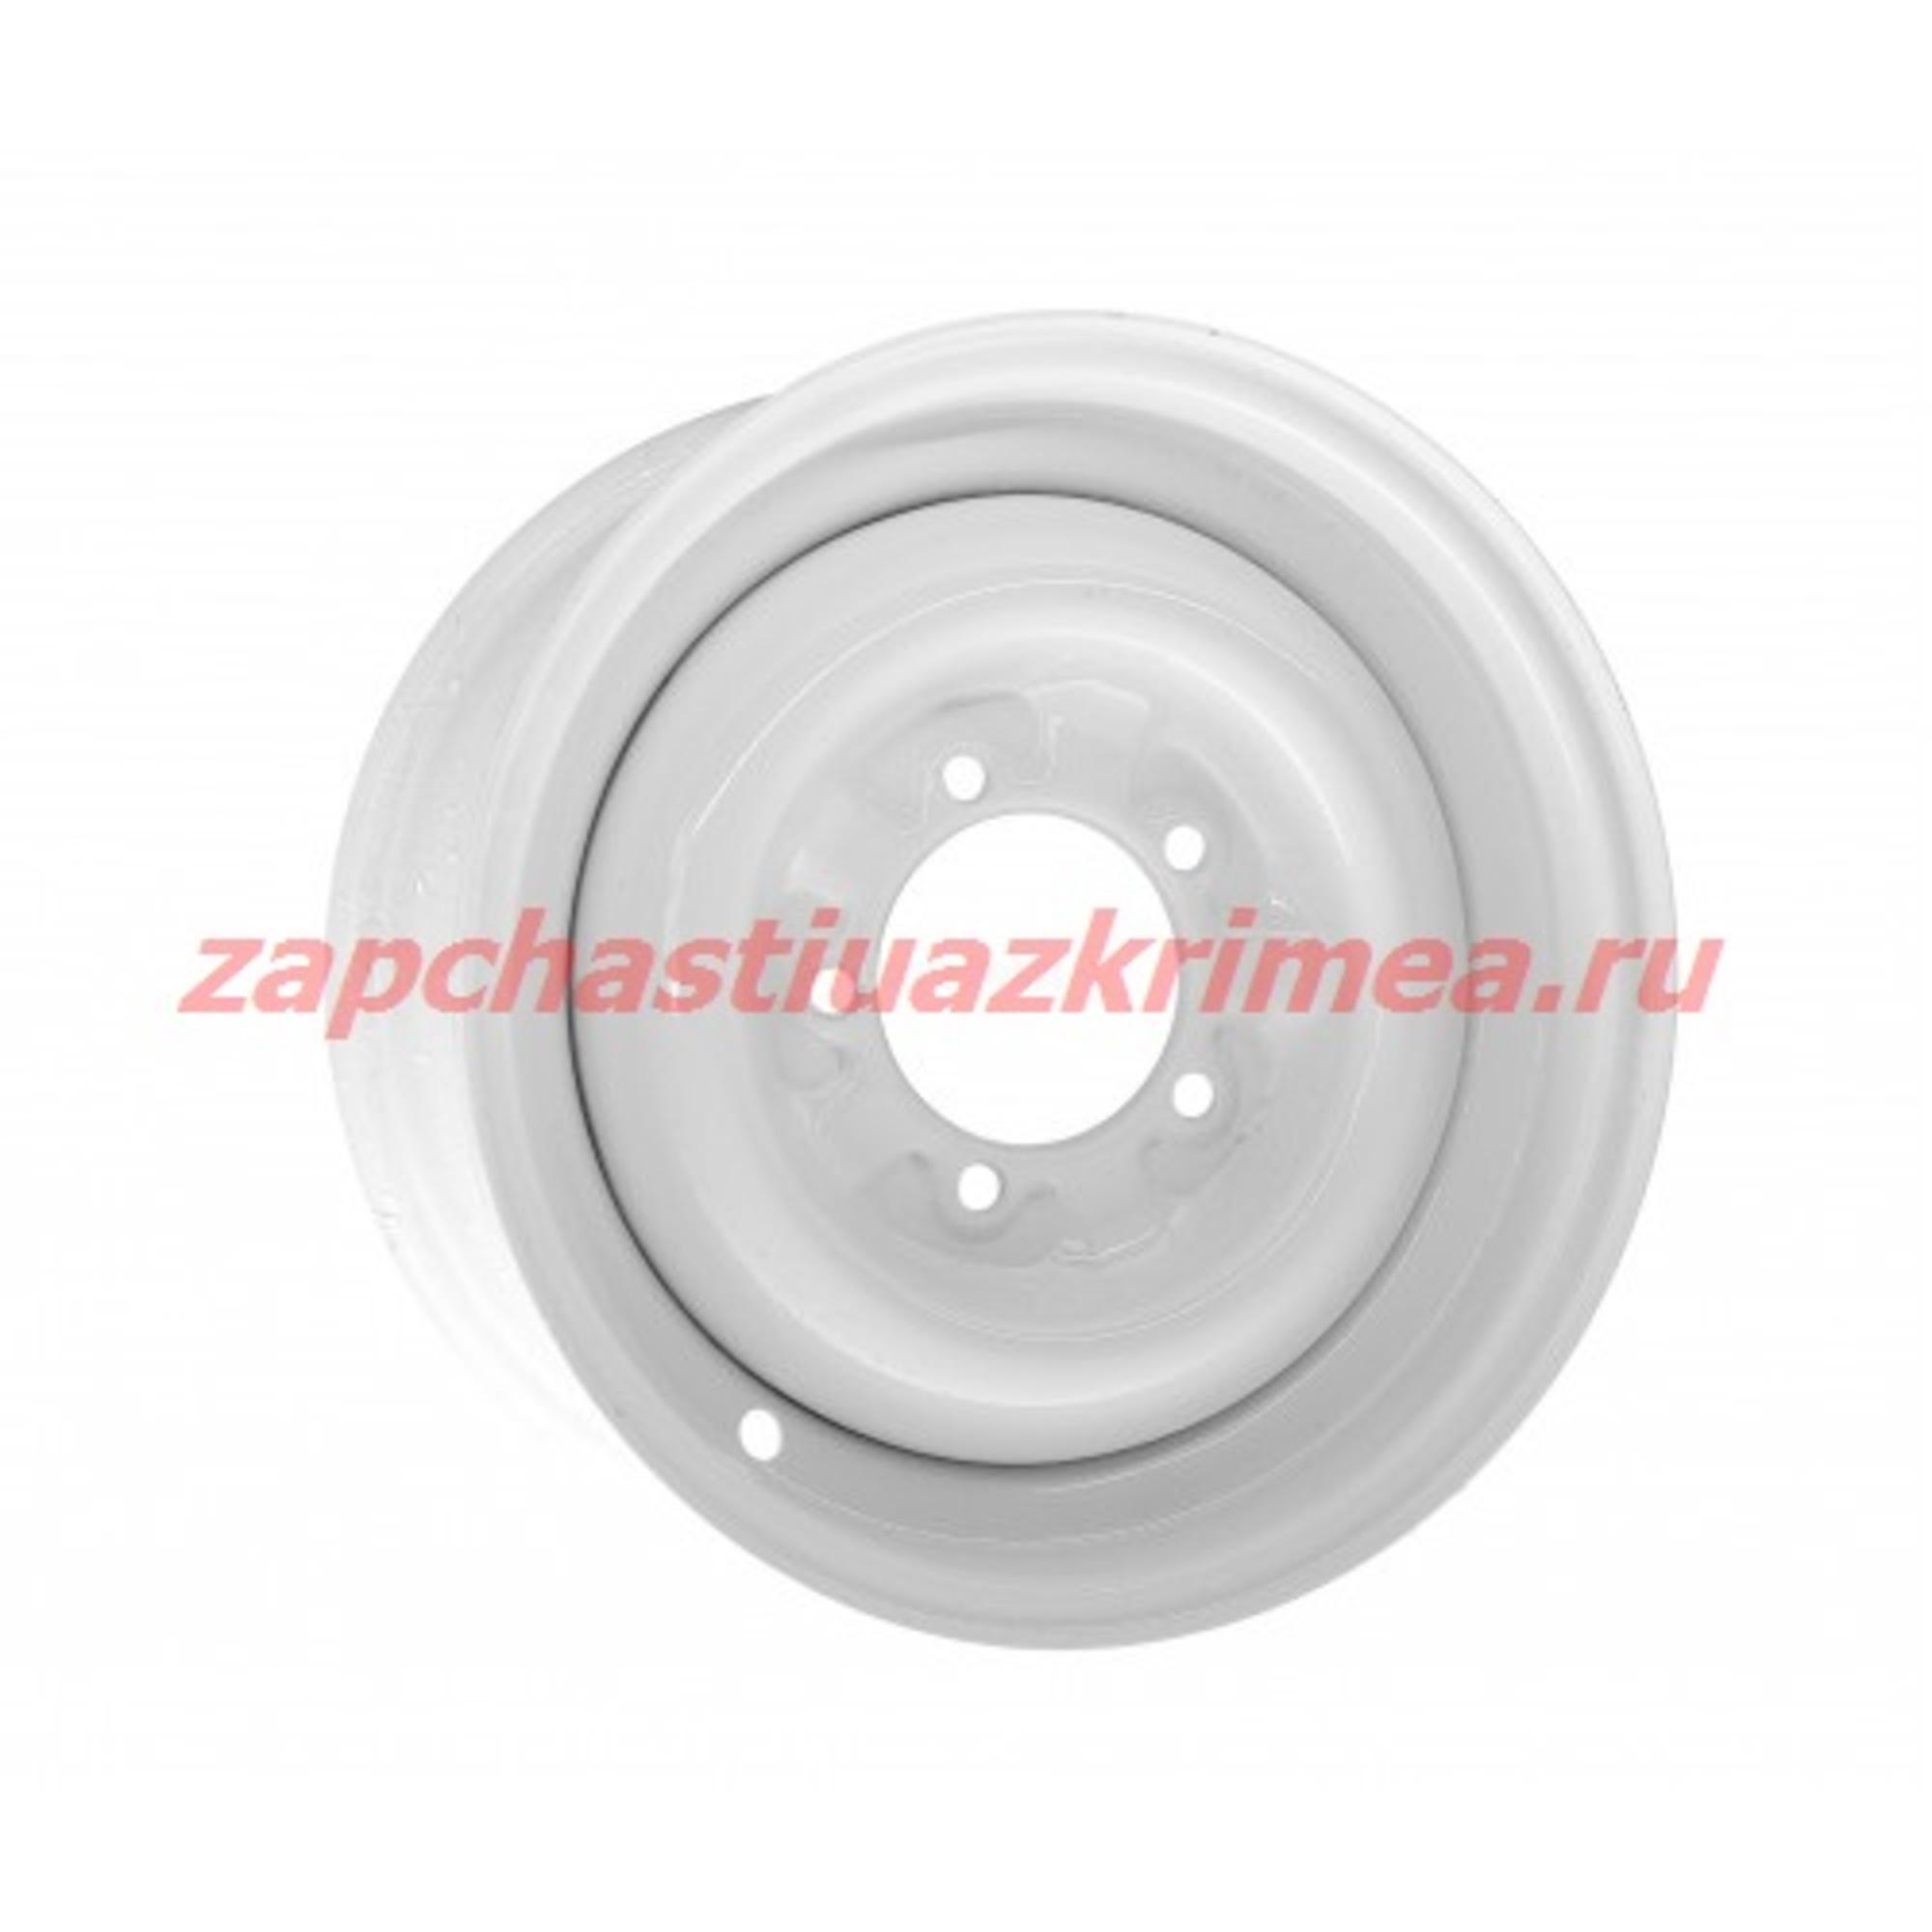 Диск колеса R15 (серый/белый/чёрный) Н.Новгород 450-3101015-01